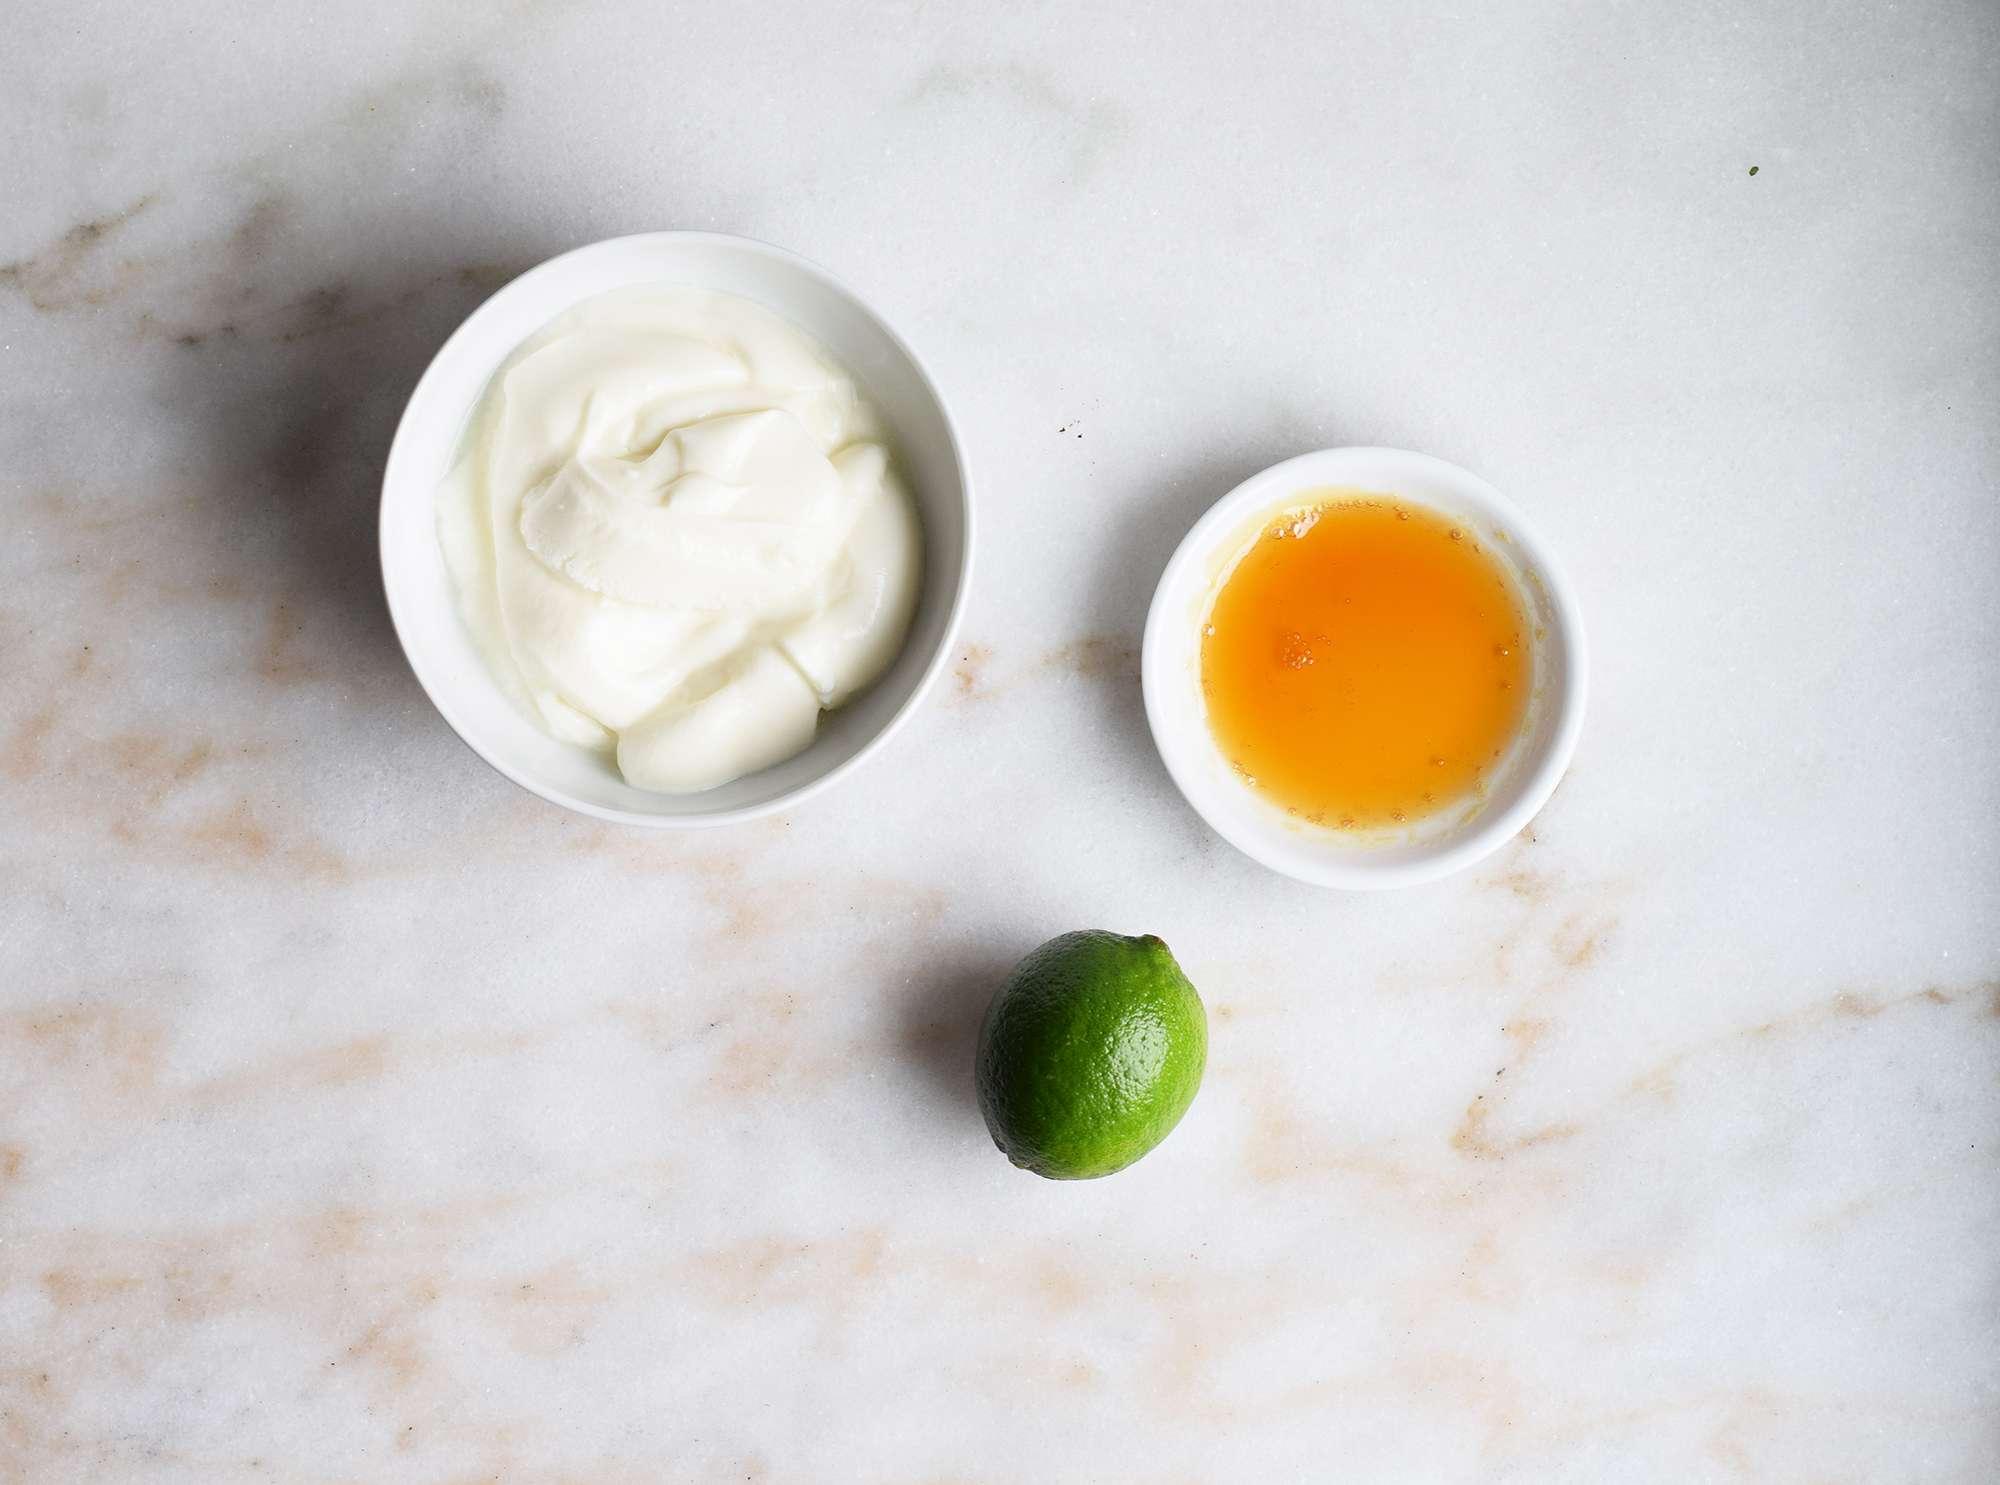 ingredients for yogurt lime dip